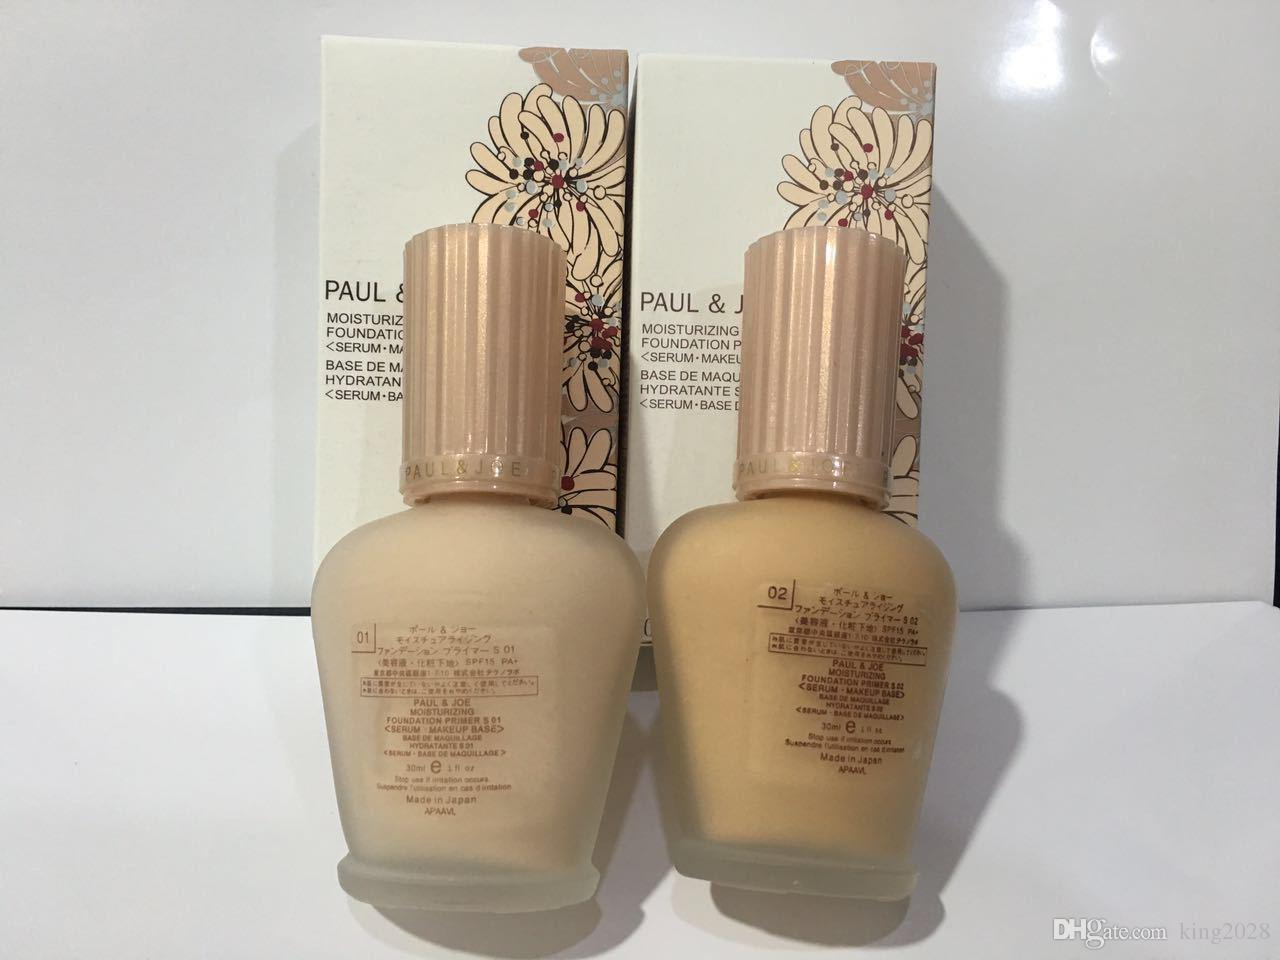 اليابان العلامة التجارية الشهيرة المينا pauljoe pj منعش تواجه الأساس السائل Luminous Primer 30ml 01 02 2color.